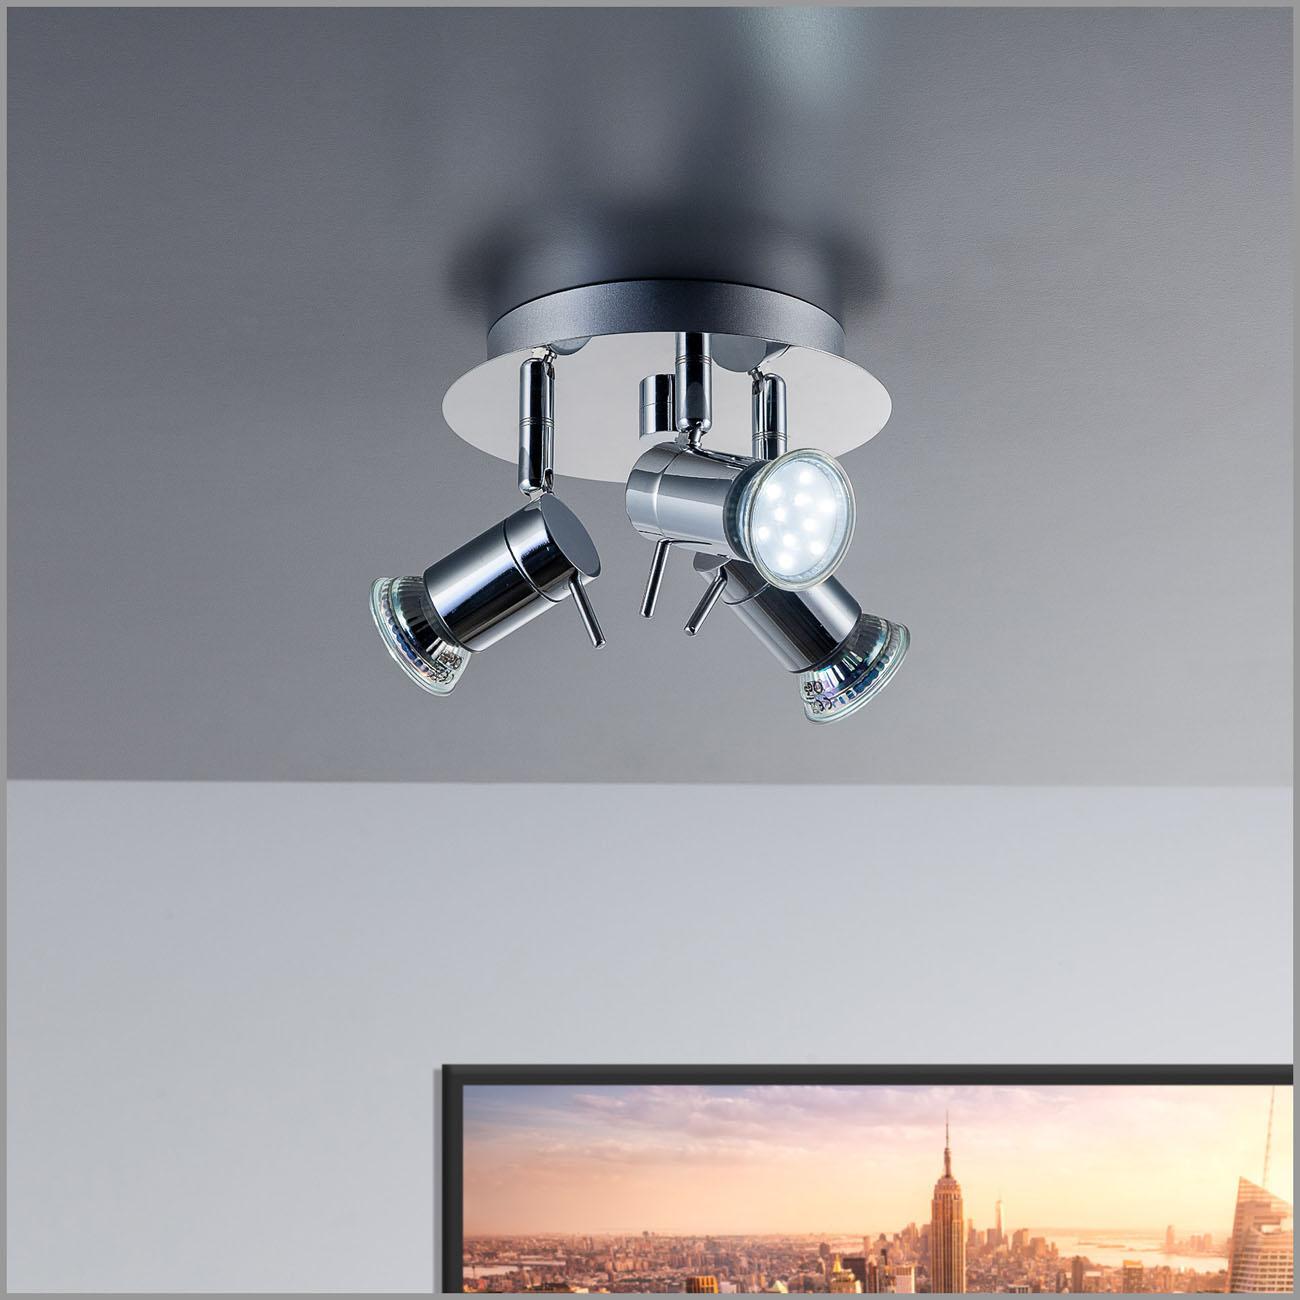 LED Deckenleuchte Badleuchte 3-flammig IPP44 glänzend